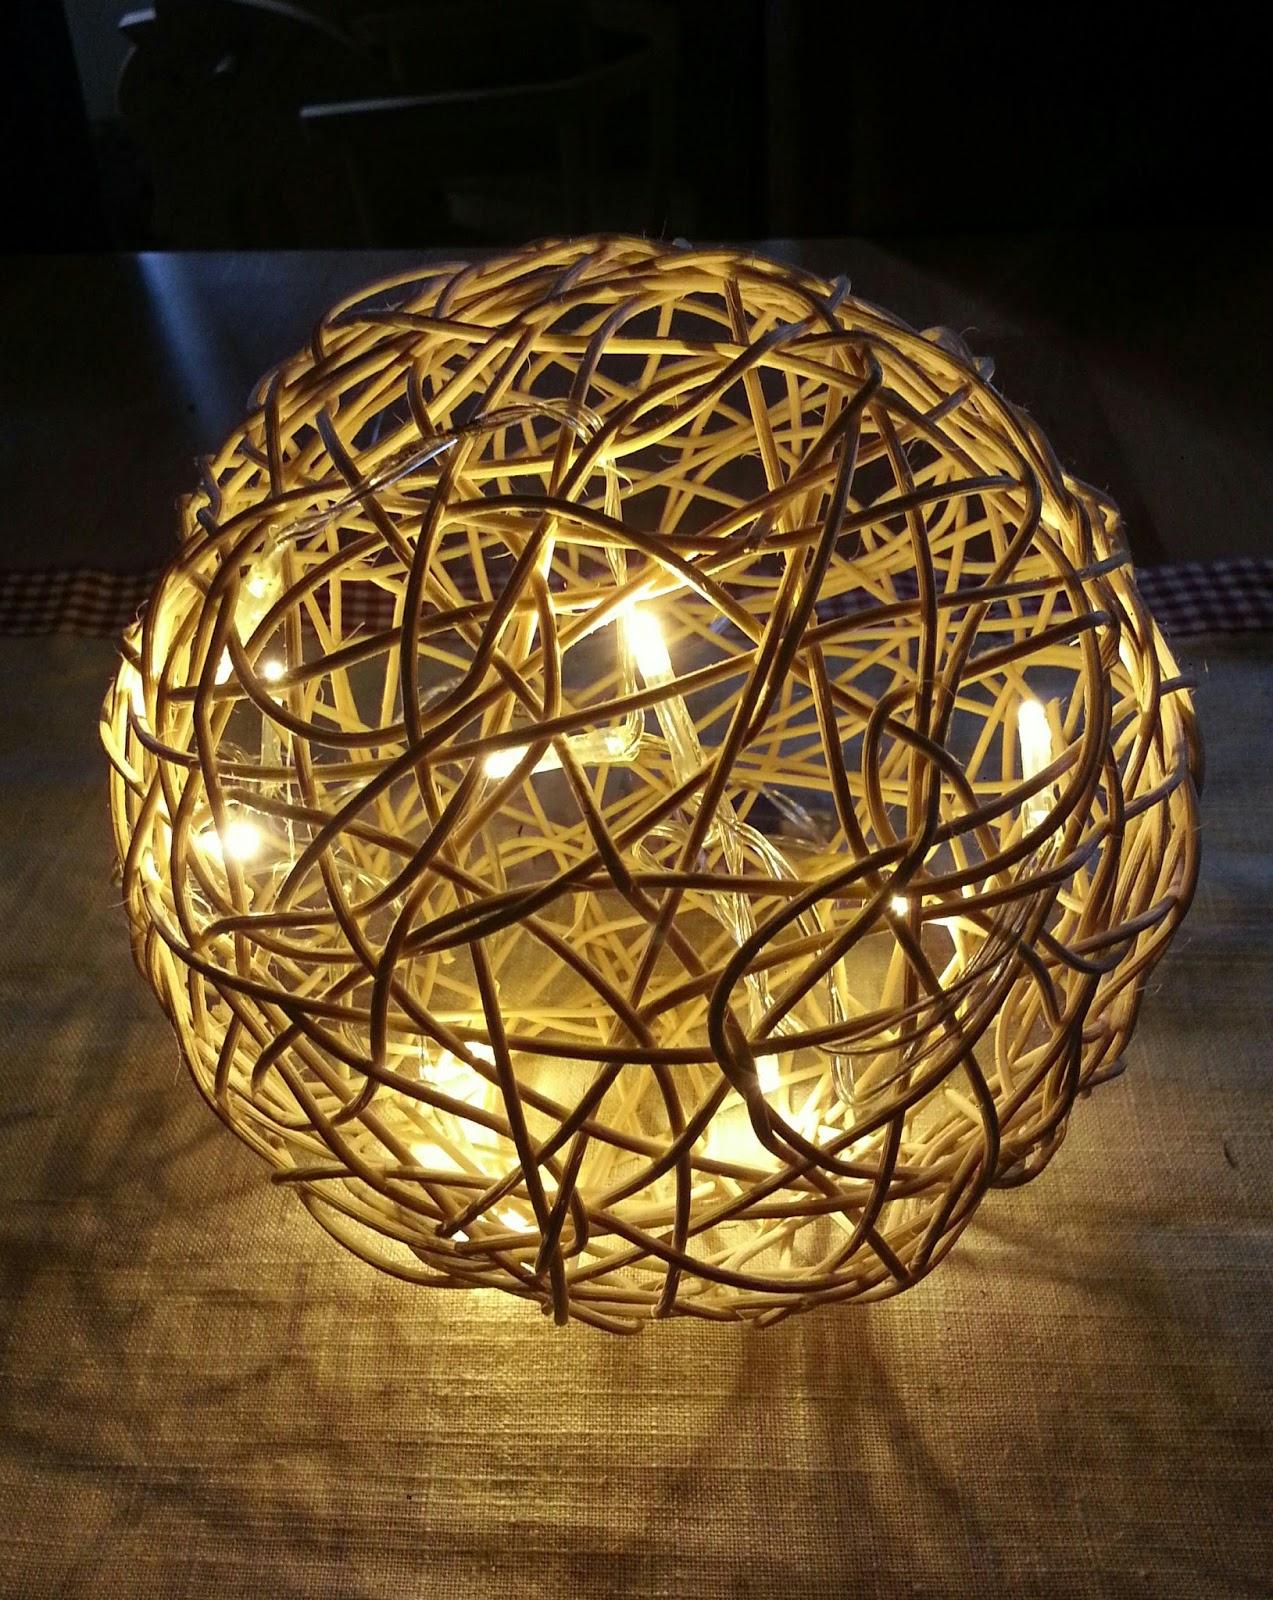 bekikilicious diy peddigrohr kugel mit led lichterkette. Black Bedroom Furniture Sets. Home Design Ideas